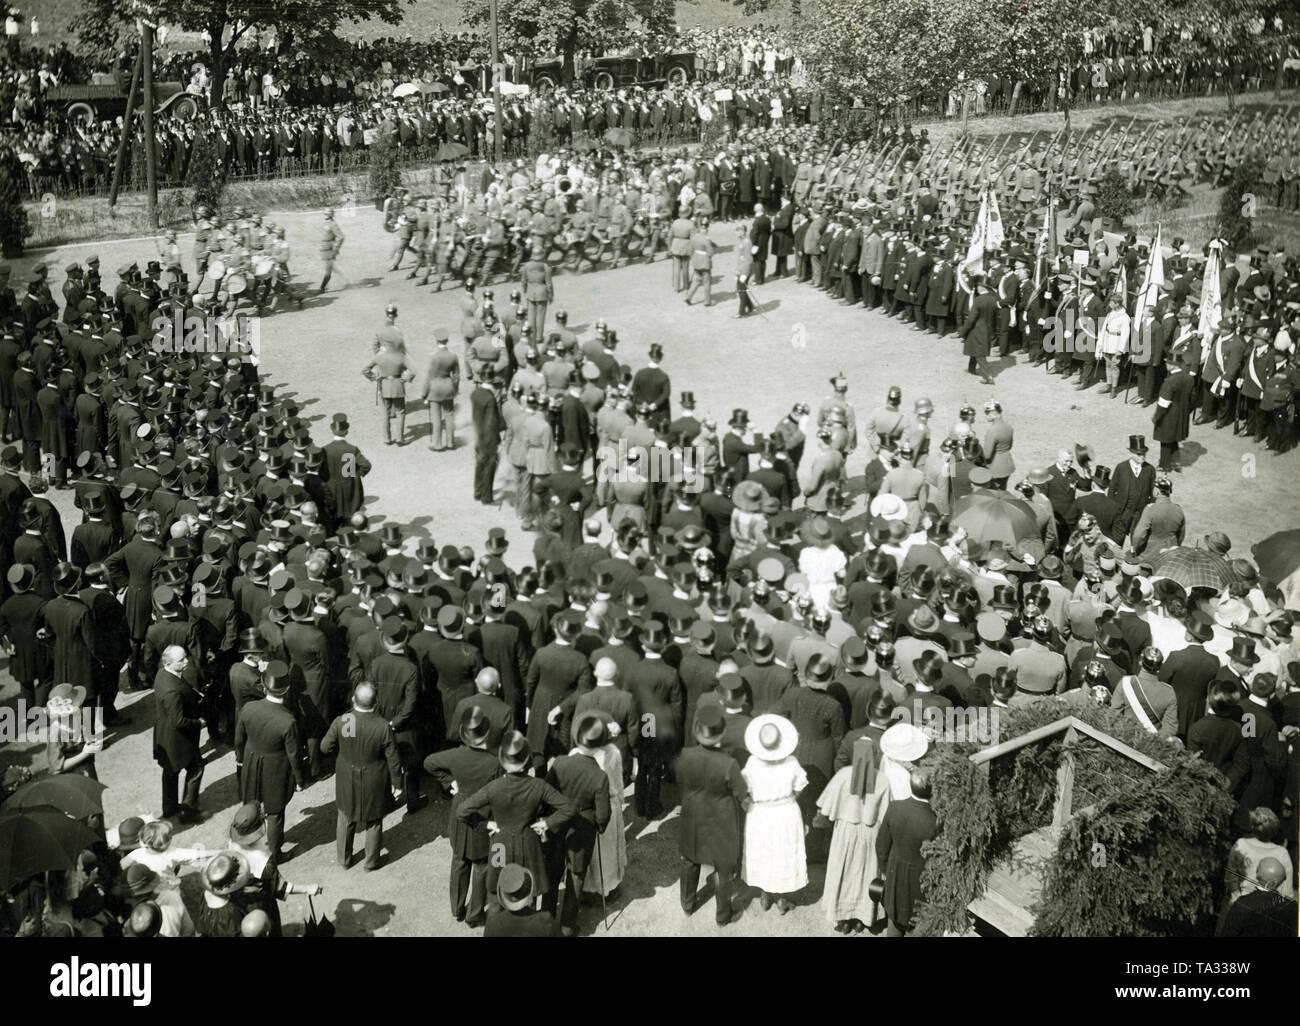 À la suite du vote populaire en mars 1920, une grande partie de la Haute-Silésie est demeuré avec le Reich allemand. Ici, les troupes de la Reichswehr entrent Gliwice sous l'acclamation de la population. Photo Stock